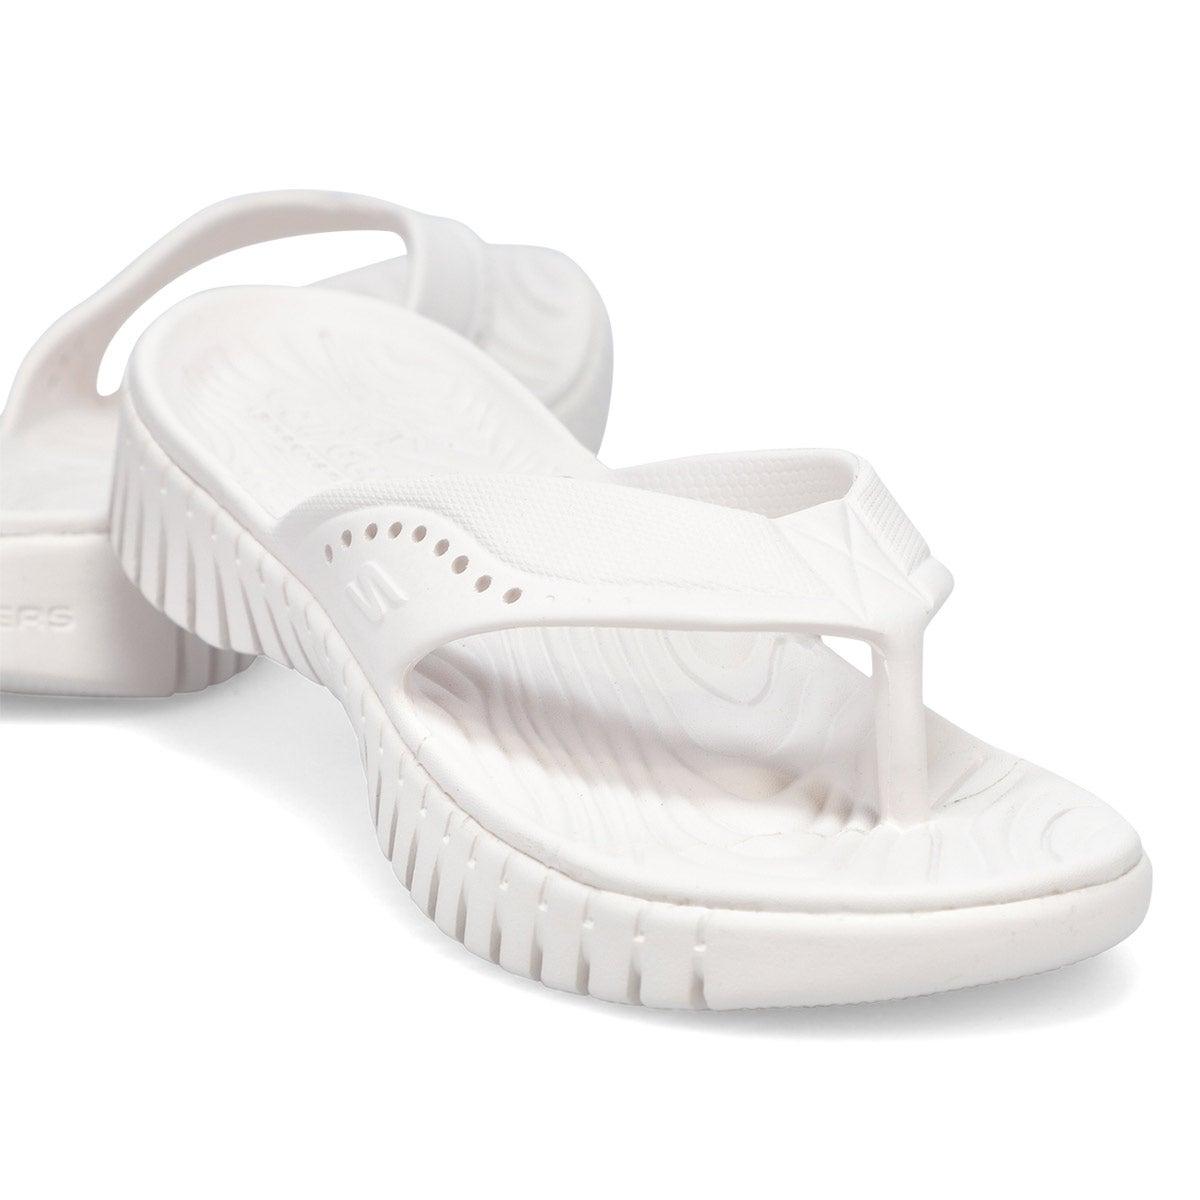 Women's Go Walk Smart Sandal - White